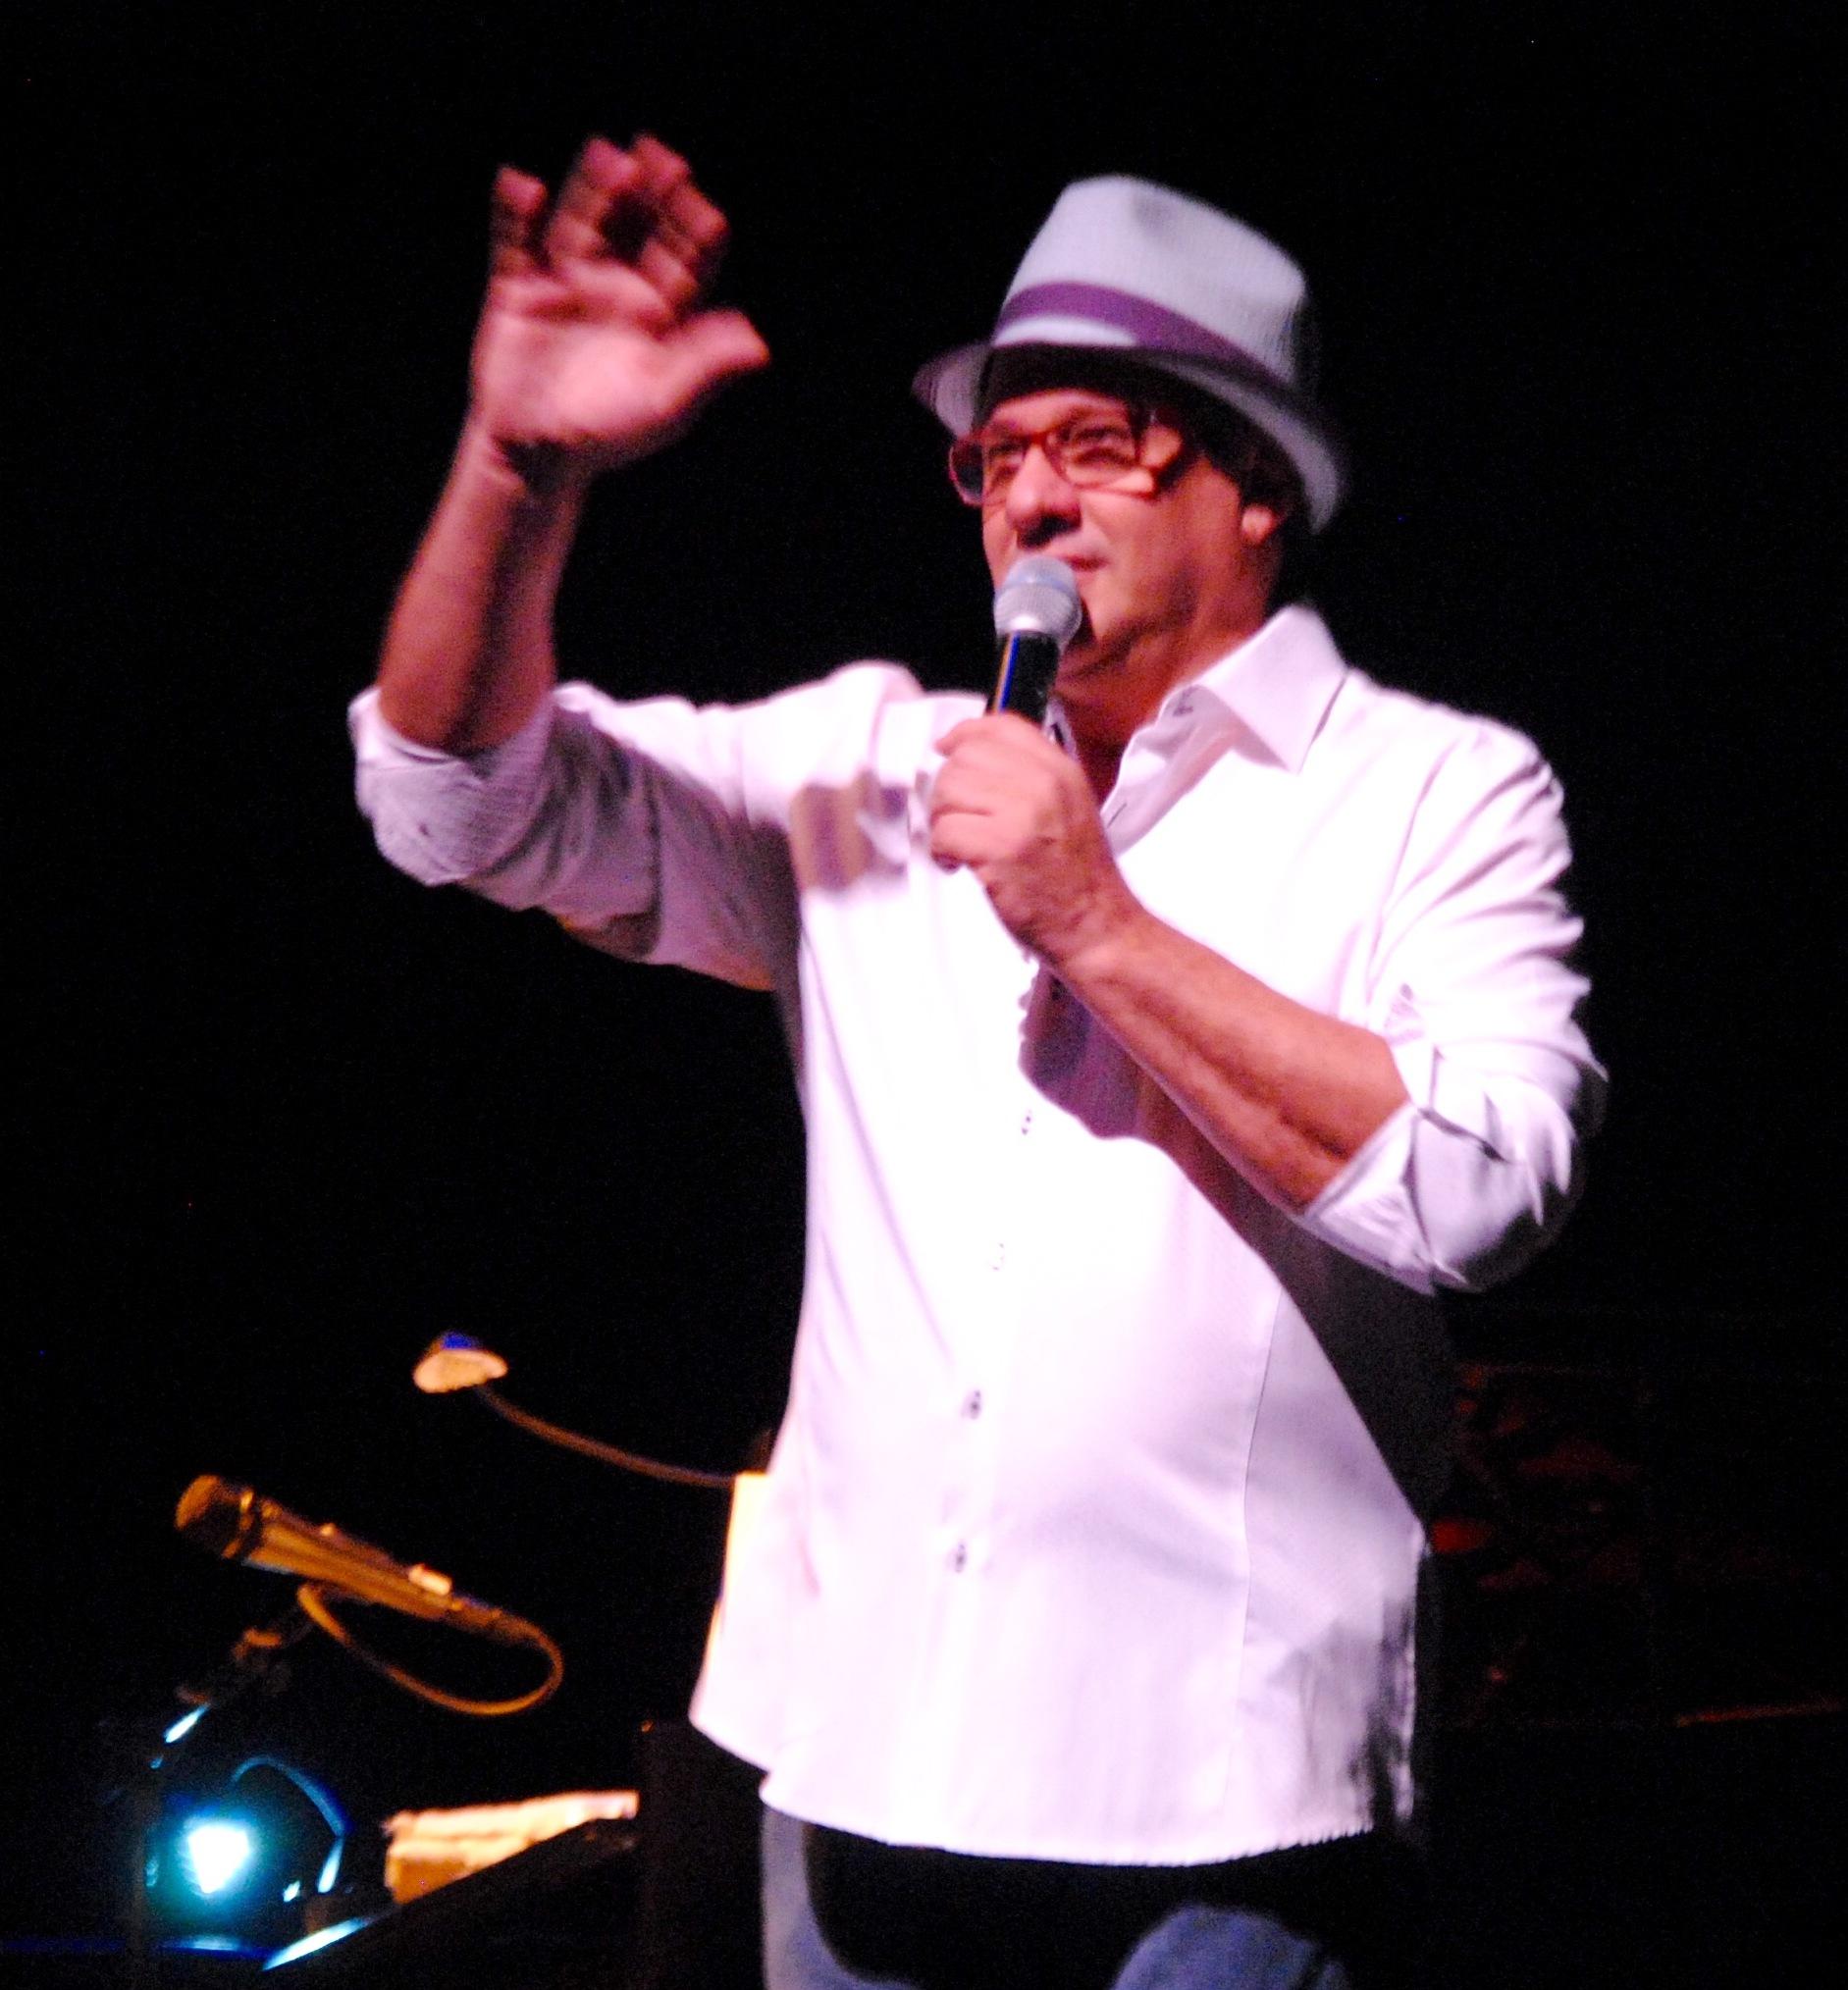 El actor y cantante valora el impacto de la obra del cantautor cubano Silvio Rodr;iguez en el pentagrama popular. (Foto Jaime Torres Torres para Fundación Nacional para la Cultura Popular)